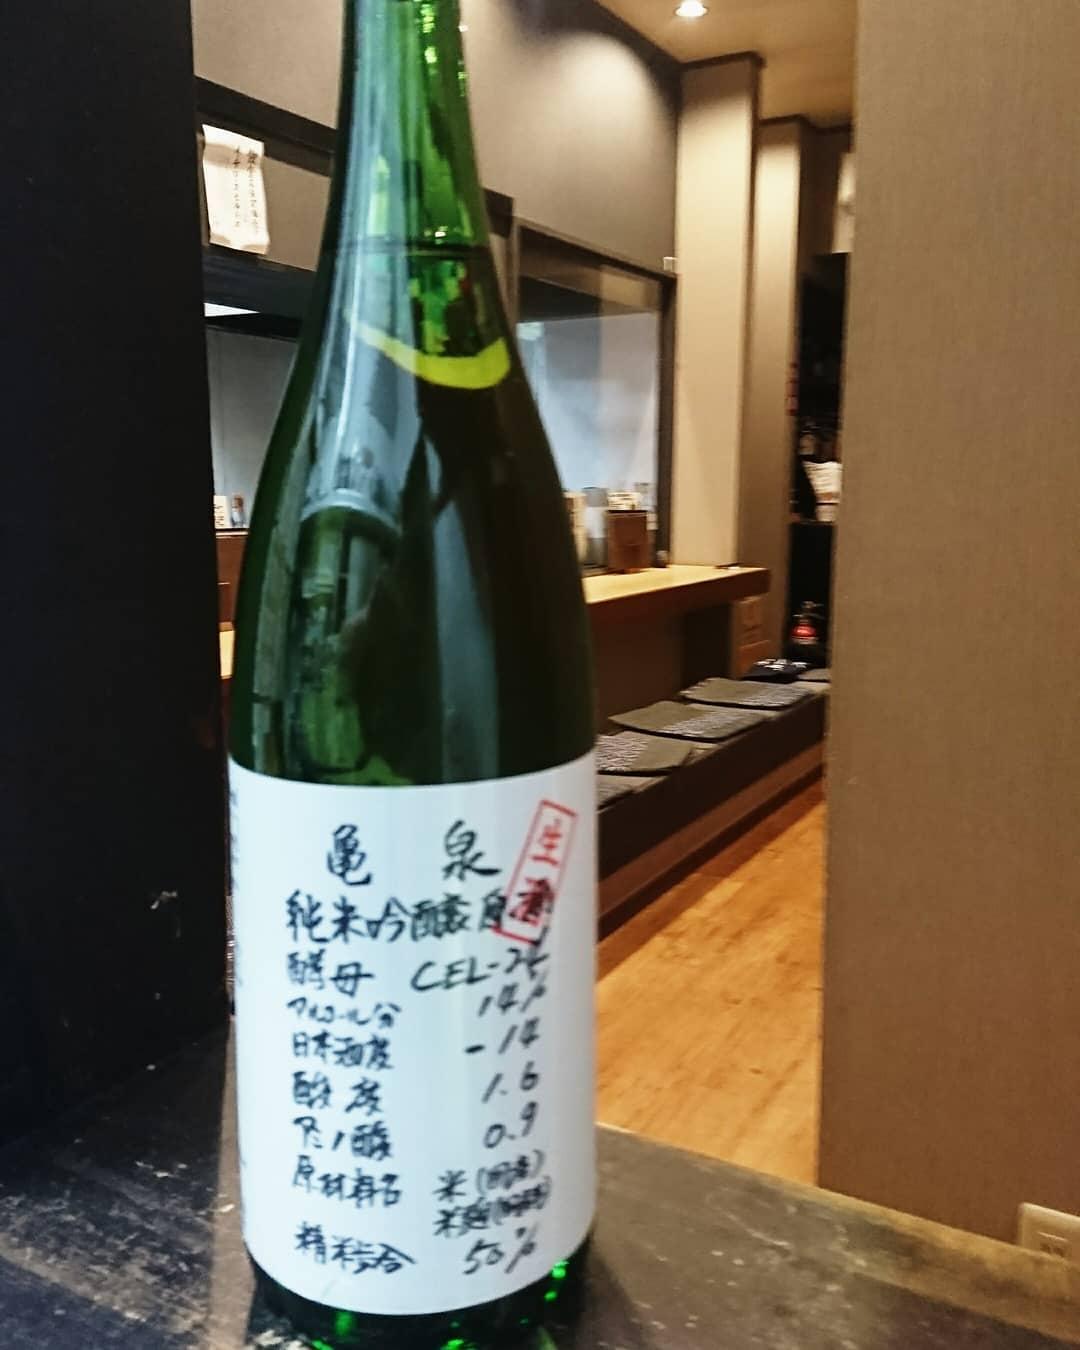 今日のおすすめ   しぼりたて日本酒♪  高知県  亀泉酒造  亀泉  純米吟醸生原酒  香りがよく爽やかな風味 酸味・甘味のバランスが最高な 日本酒です♪  冷がおすすめですが ぬる燗も美味しいです(^O^)  月曜日ですが 特別営業してま~す♪ お待ちしてます!  TO イート